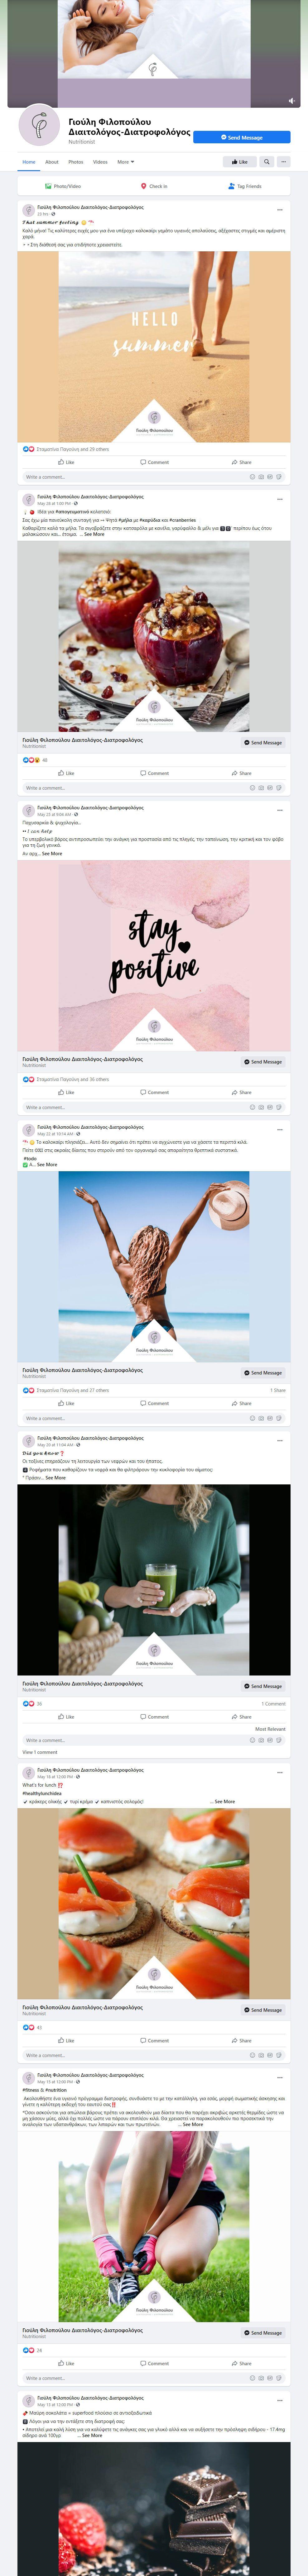 διαχείριση λογαριασμών social media - Giouli Filopoulou